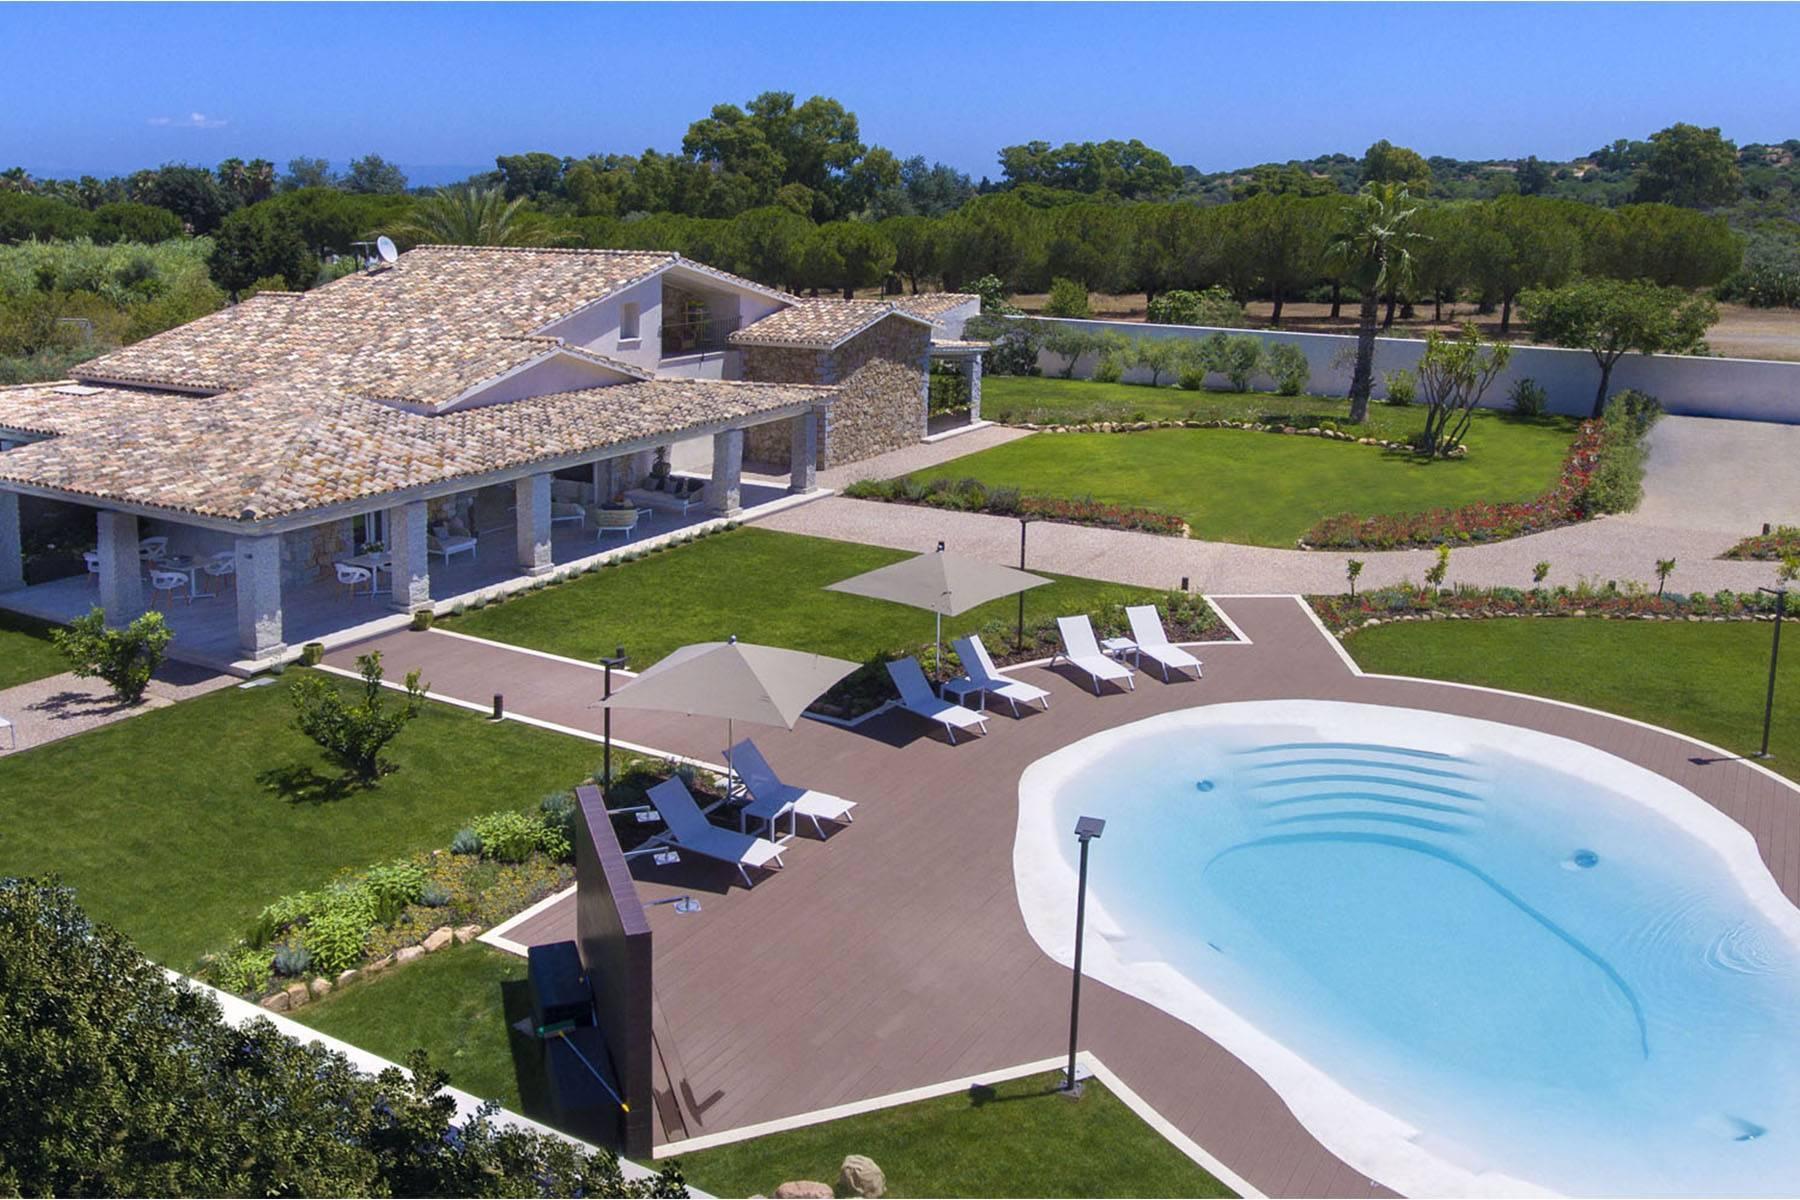 Villa indipendente vicino al mare e al suggestivo sito archeologico di Nora. - 2